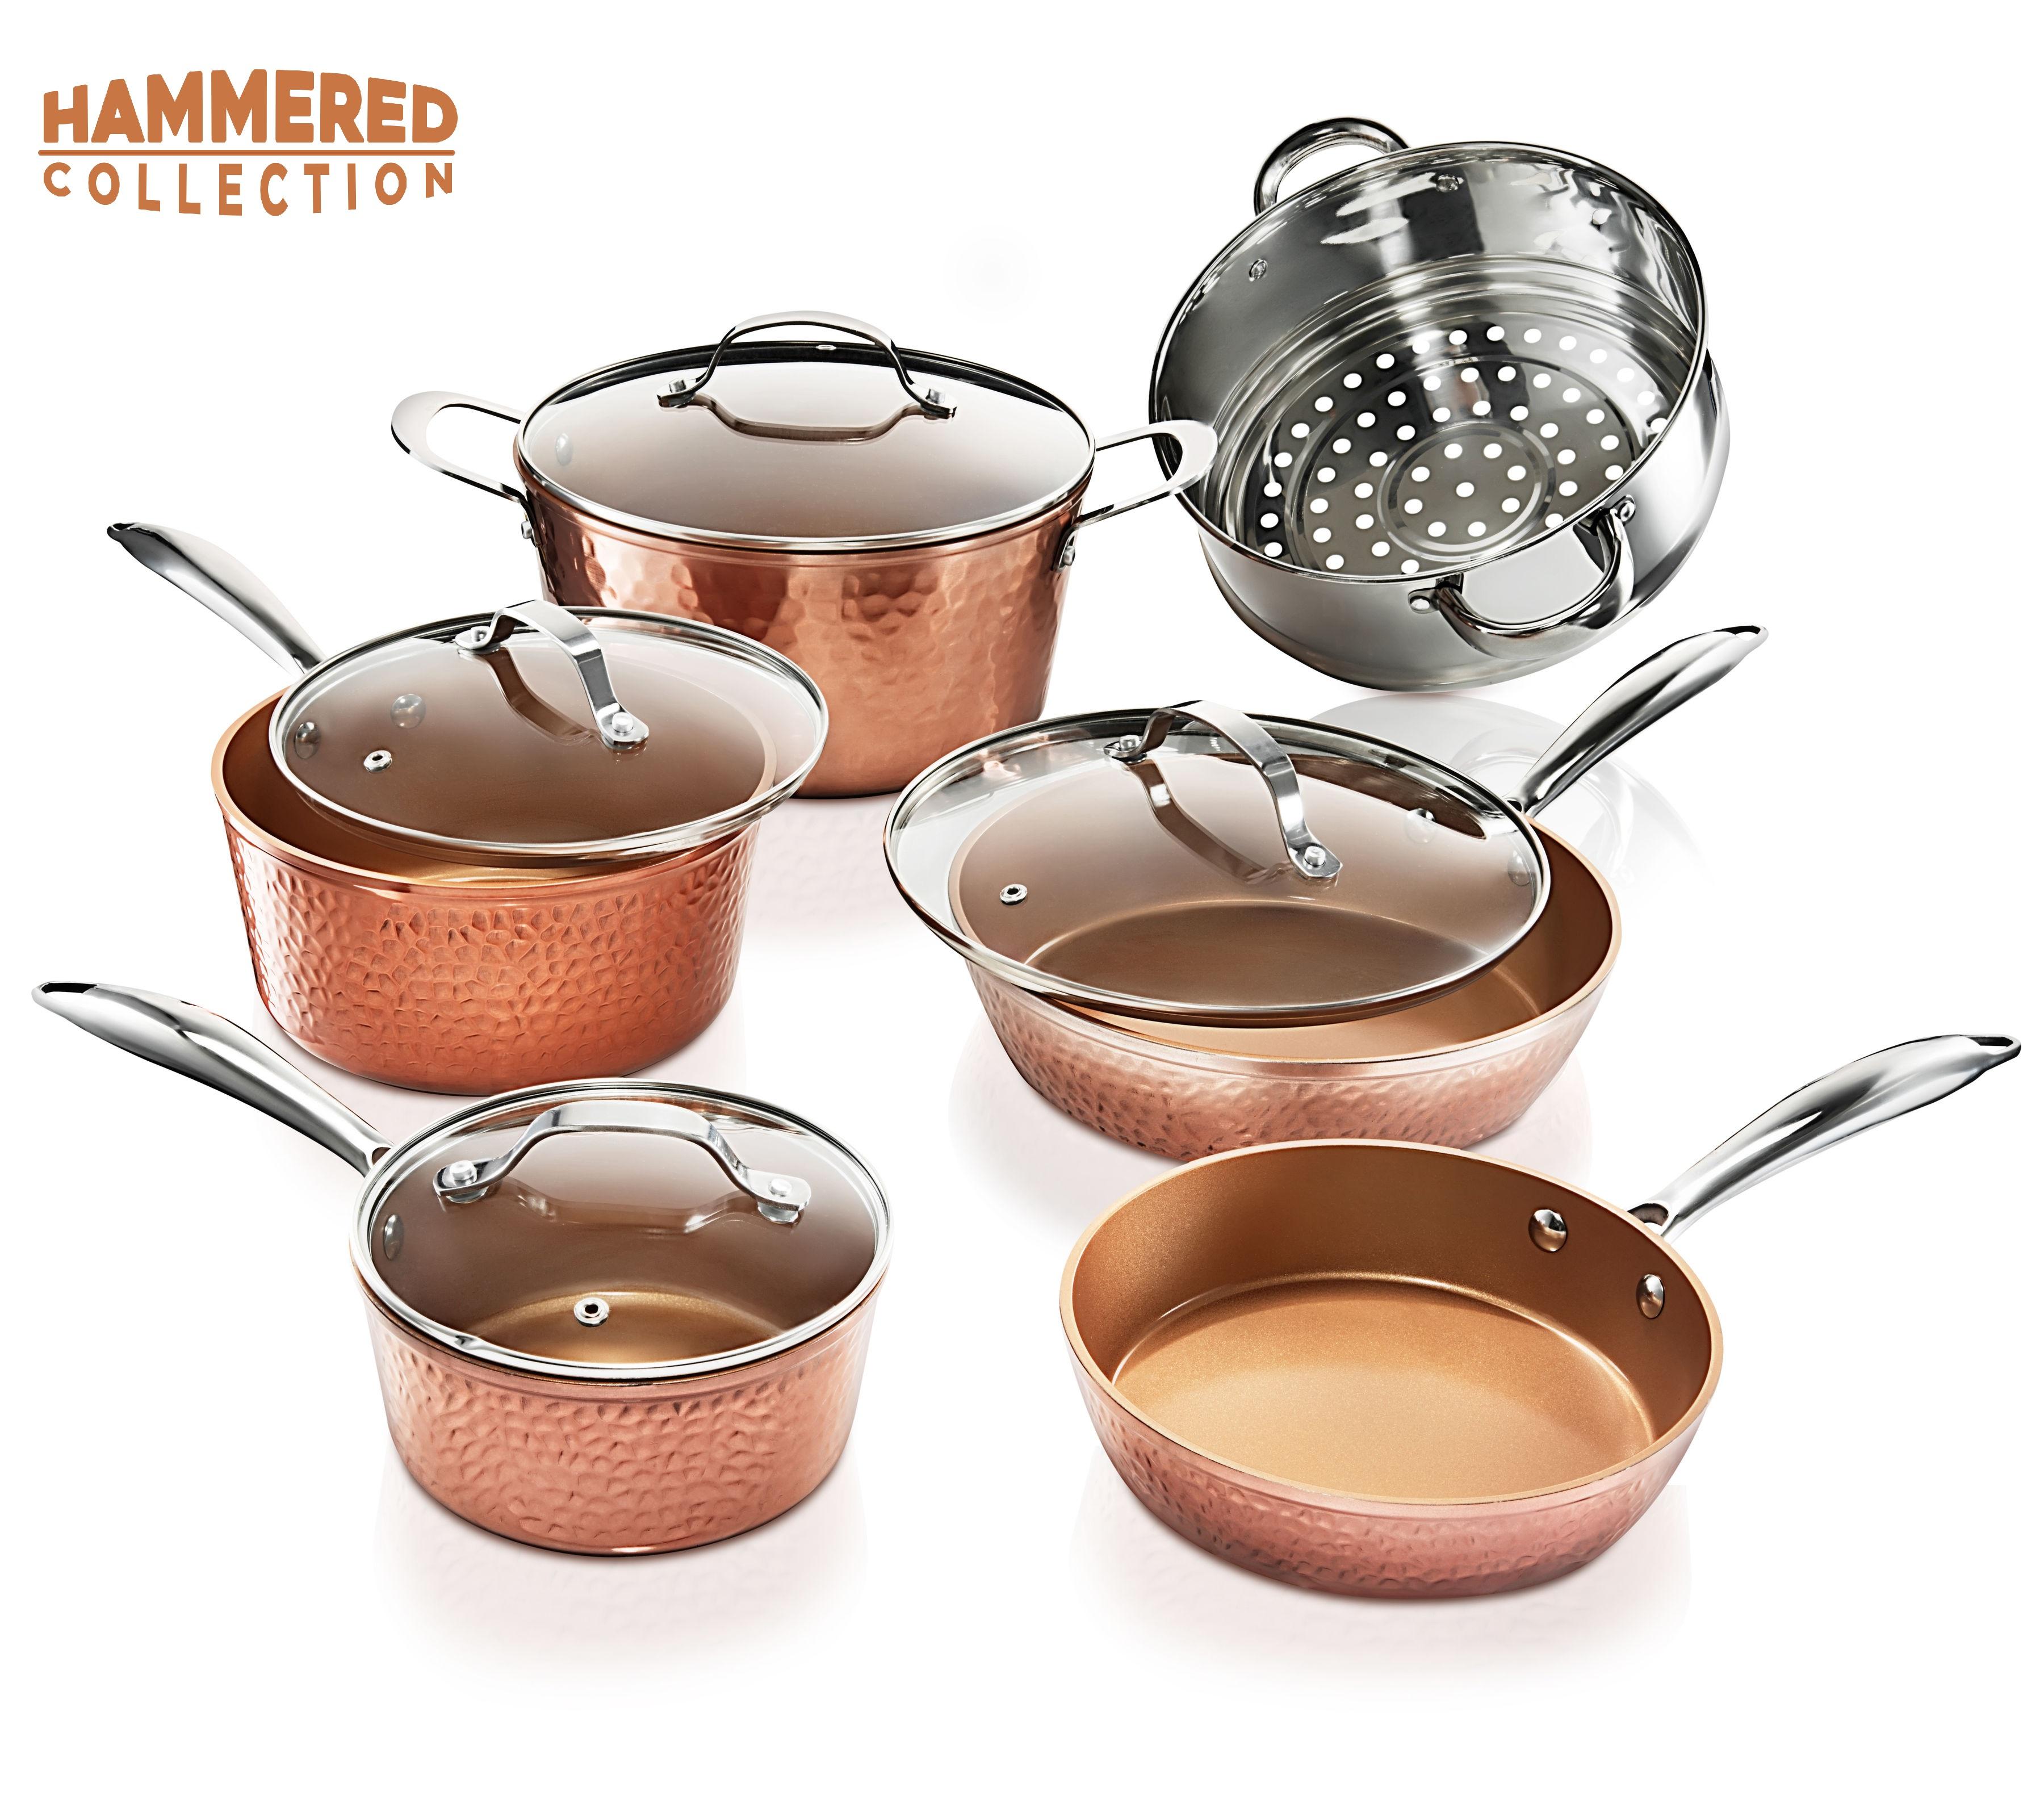 Gotham Steel Nonstick 10 Piece Hammered Cookware Set, Oven Safe, Dishwasher Safe - Elegant Pots & Pans Set